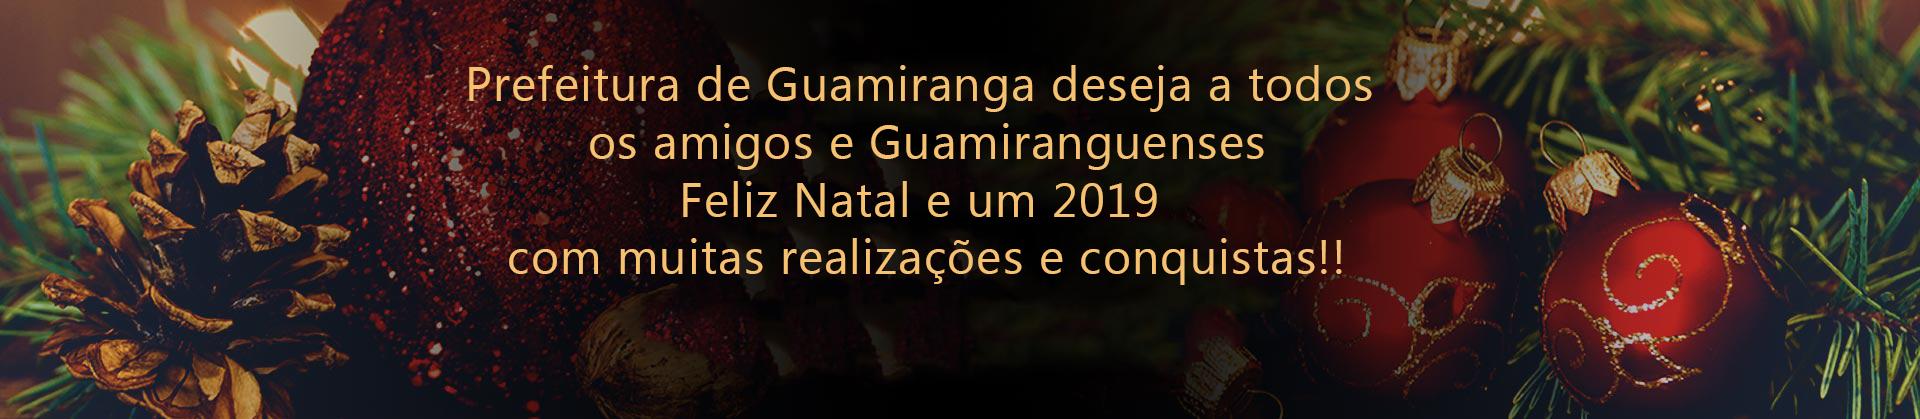 Felicitações 2019